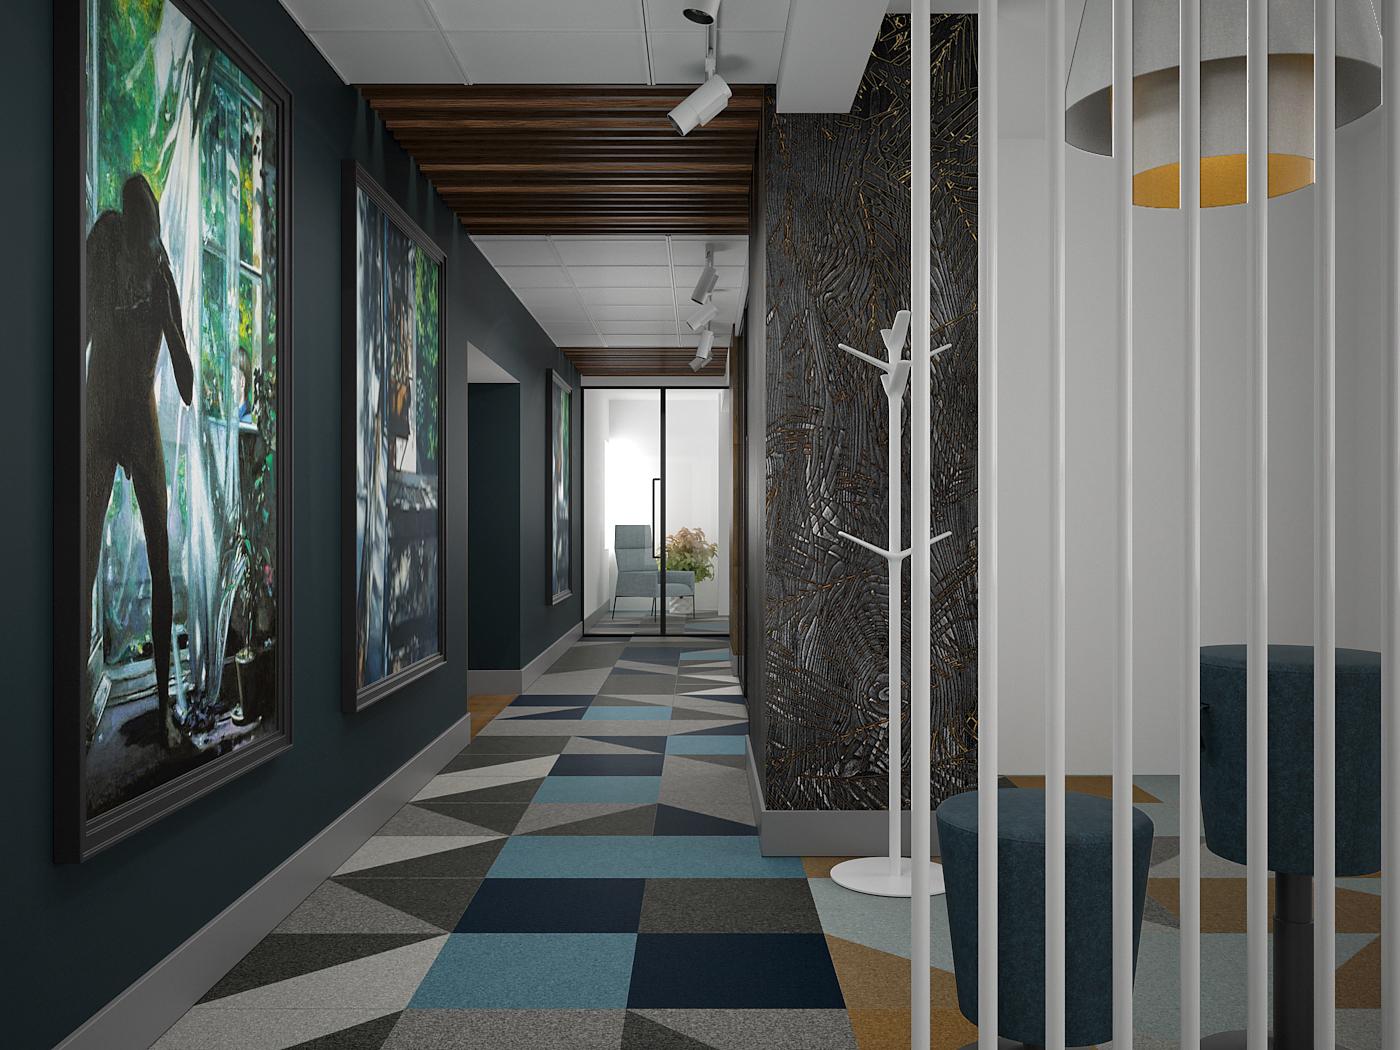 8 projekt biura 547 Kancelaria warszawa korytarz wykladzina w geometryczne wzory plyta meblowa na scianie czarna sciana z duzymi obrazami azurowa biala scianka